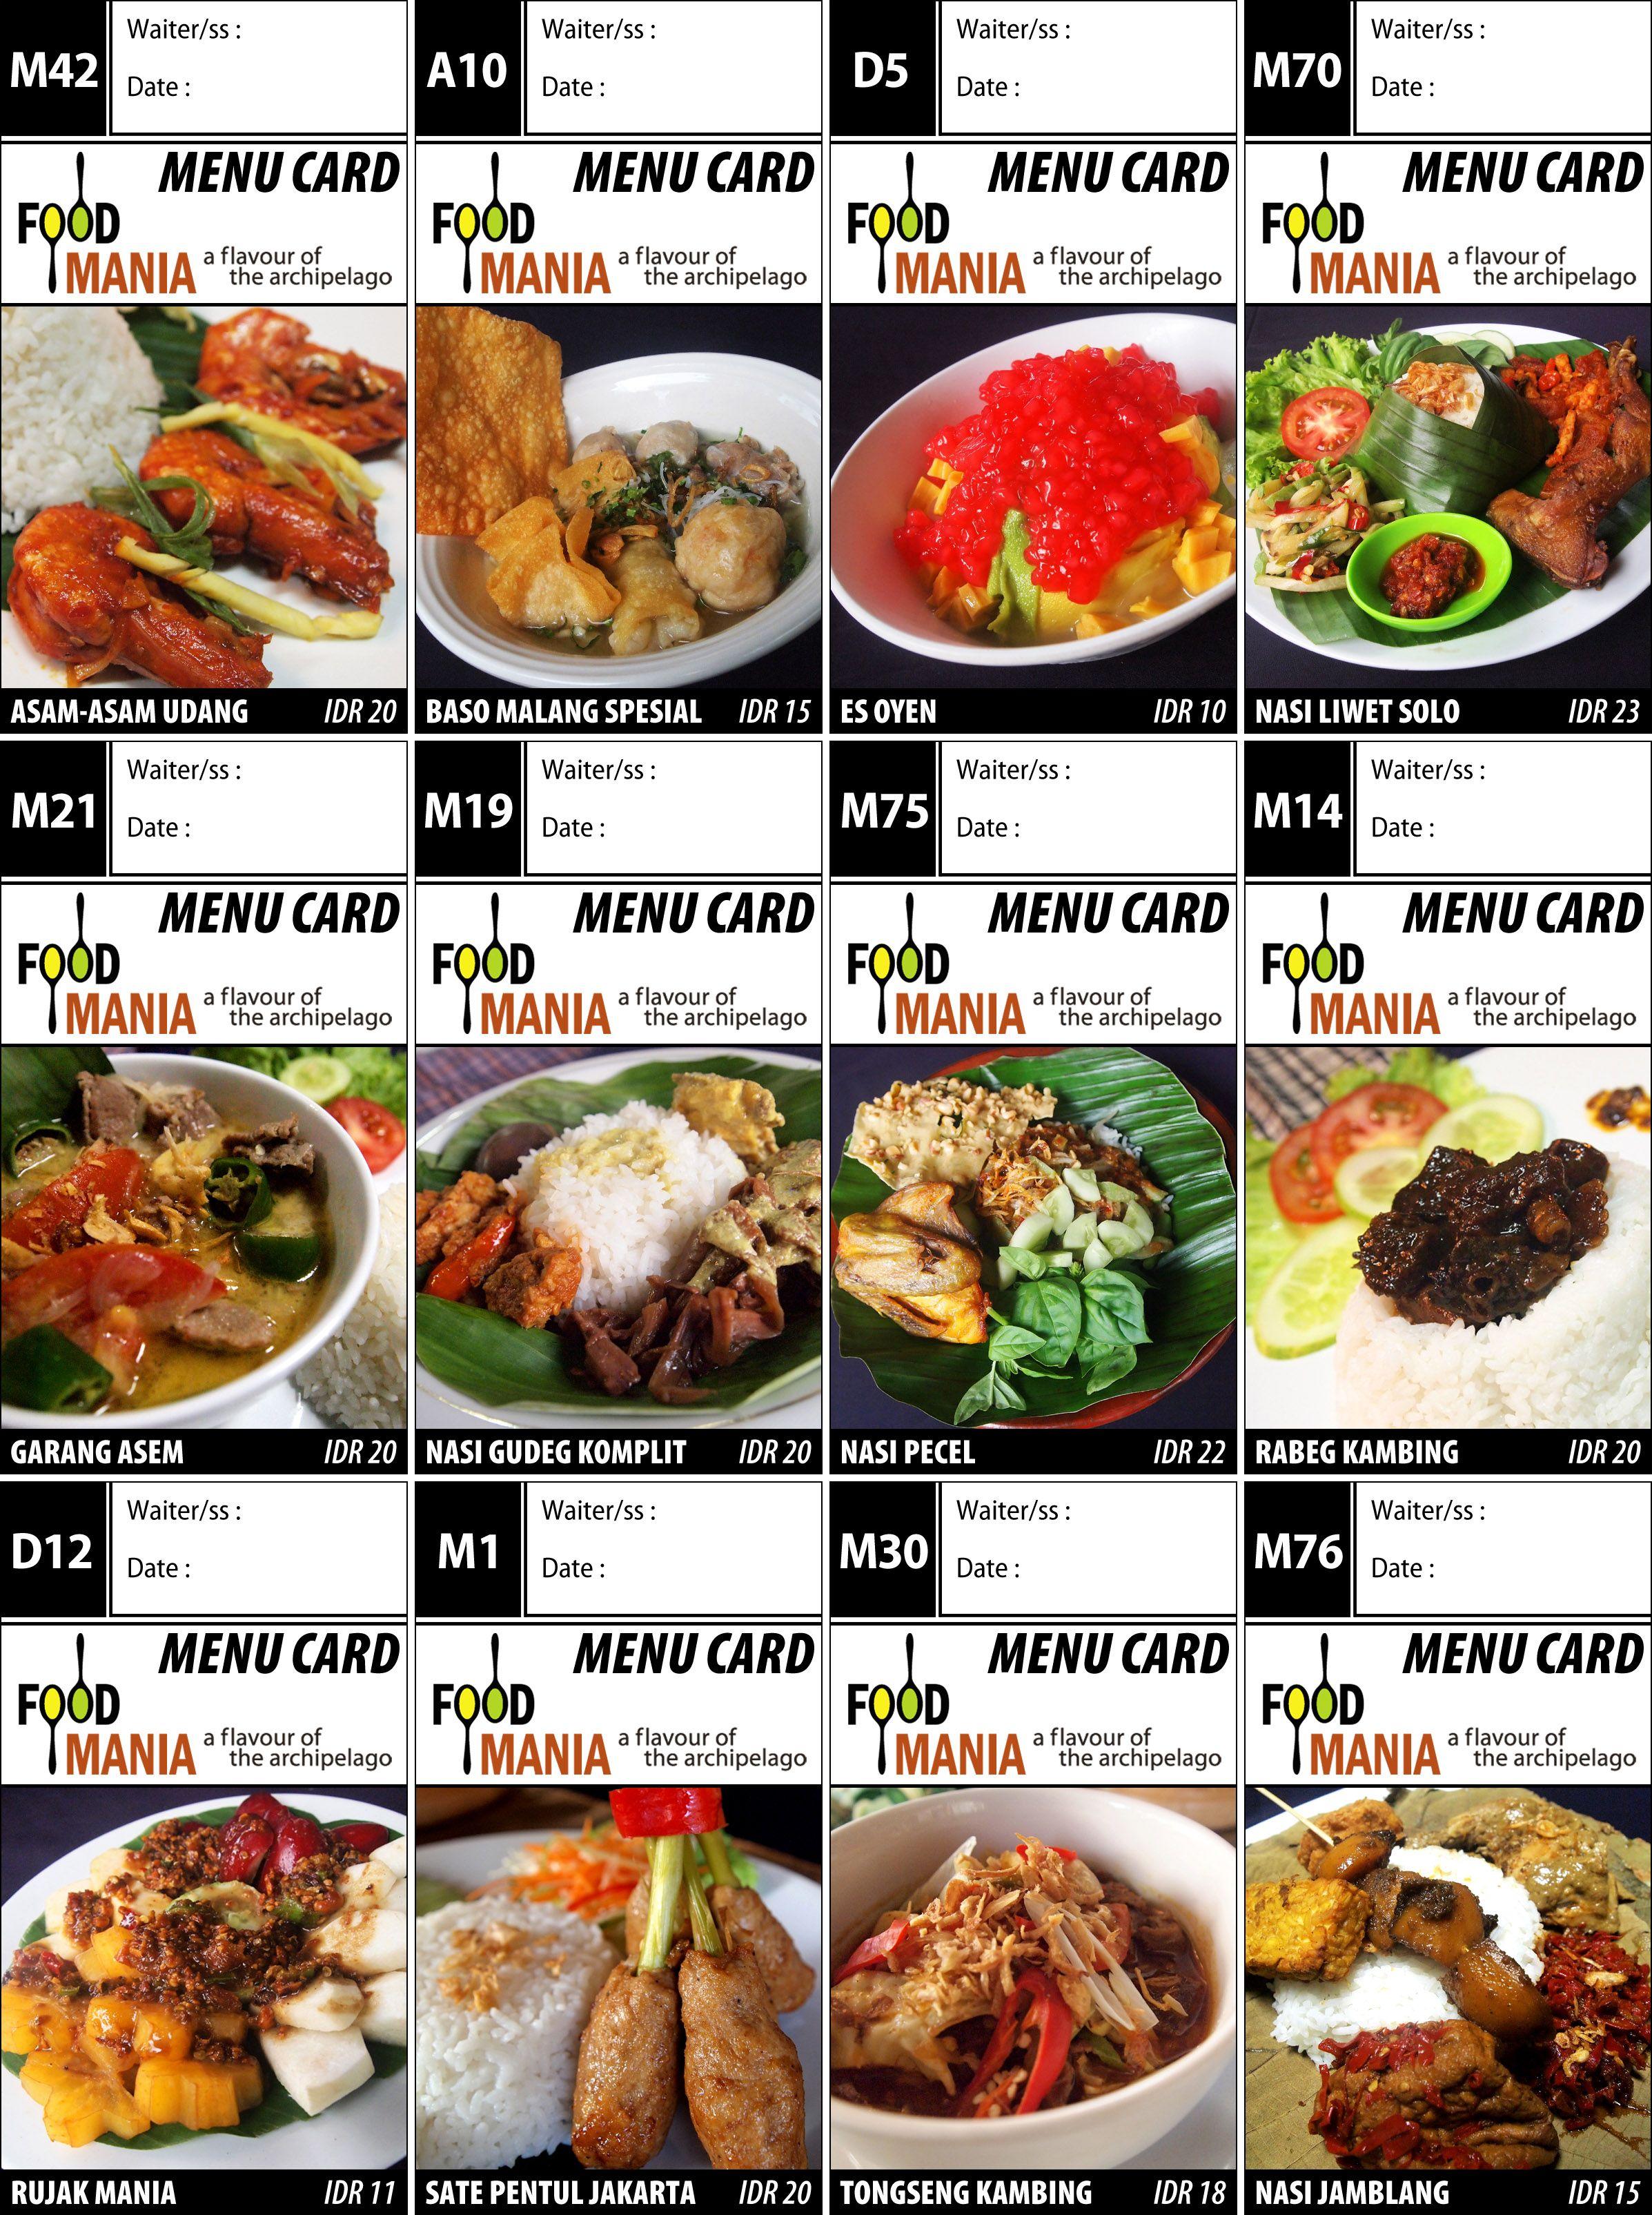 menu card makanan indonesia Food, Food menu